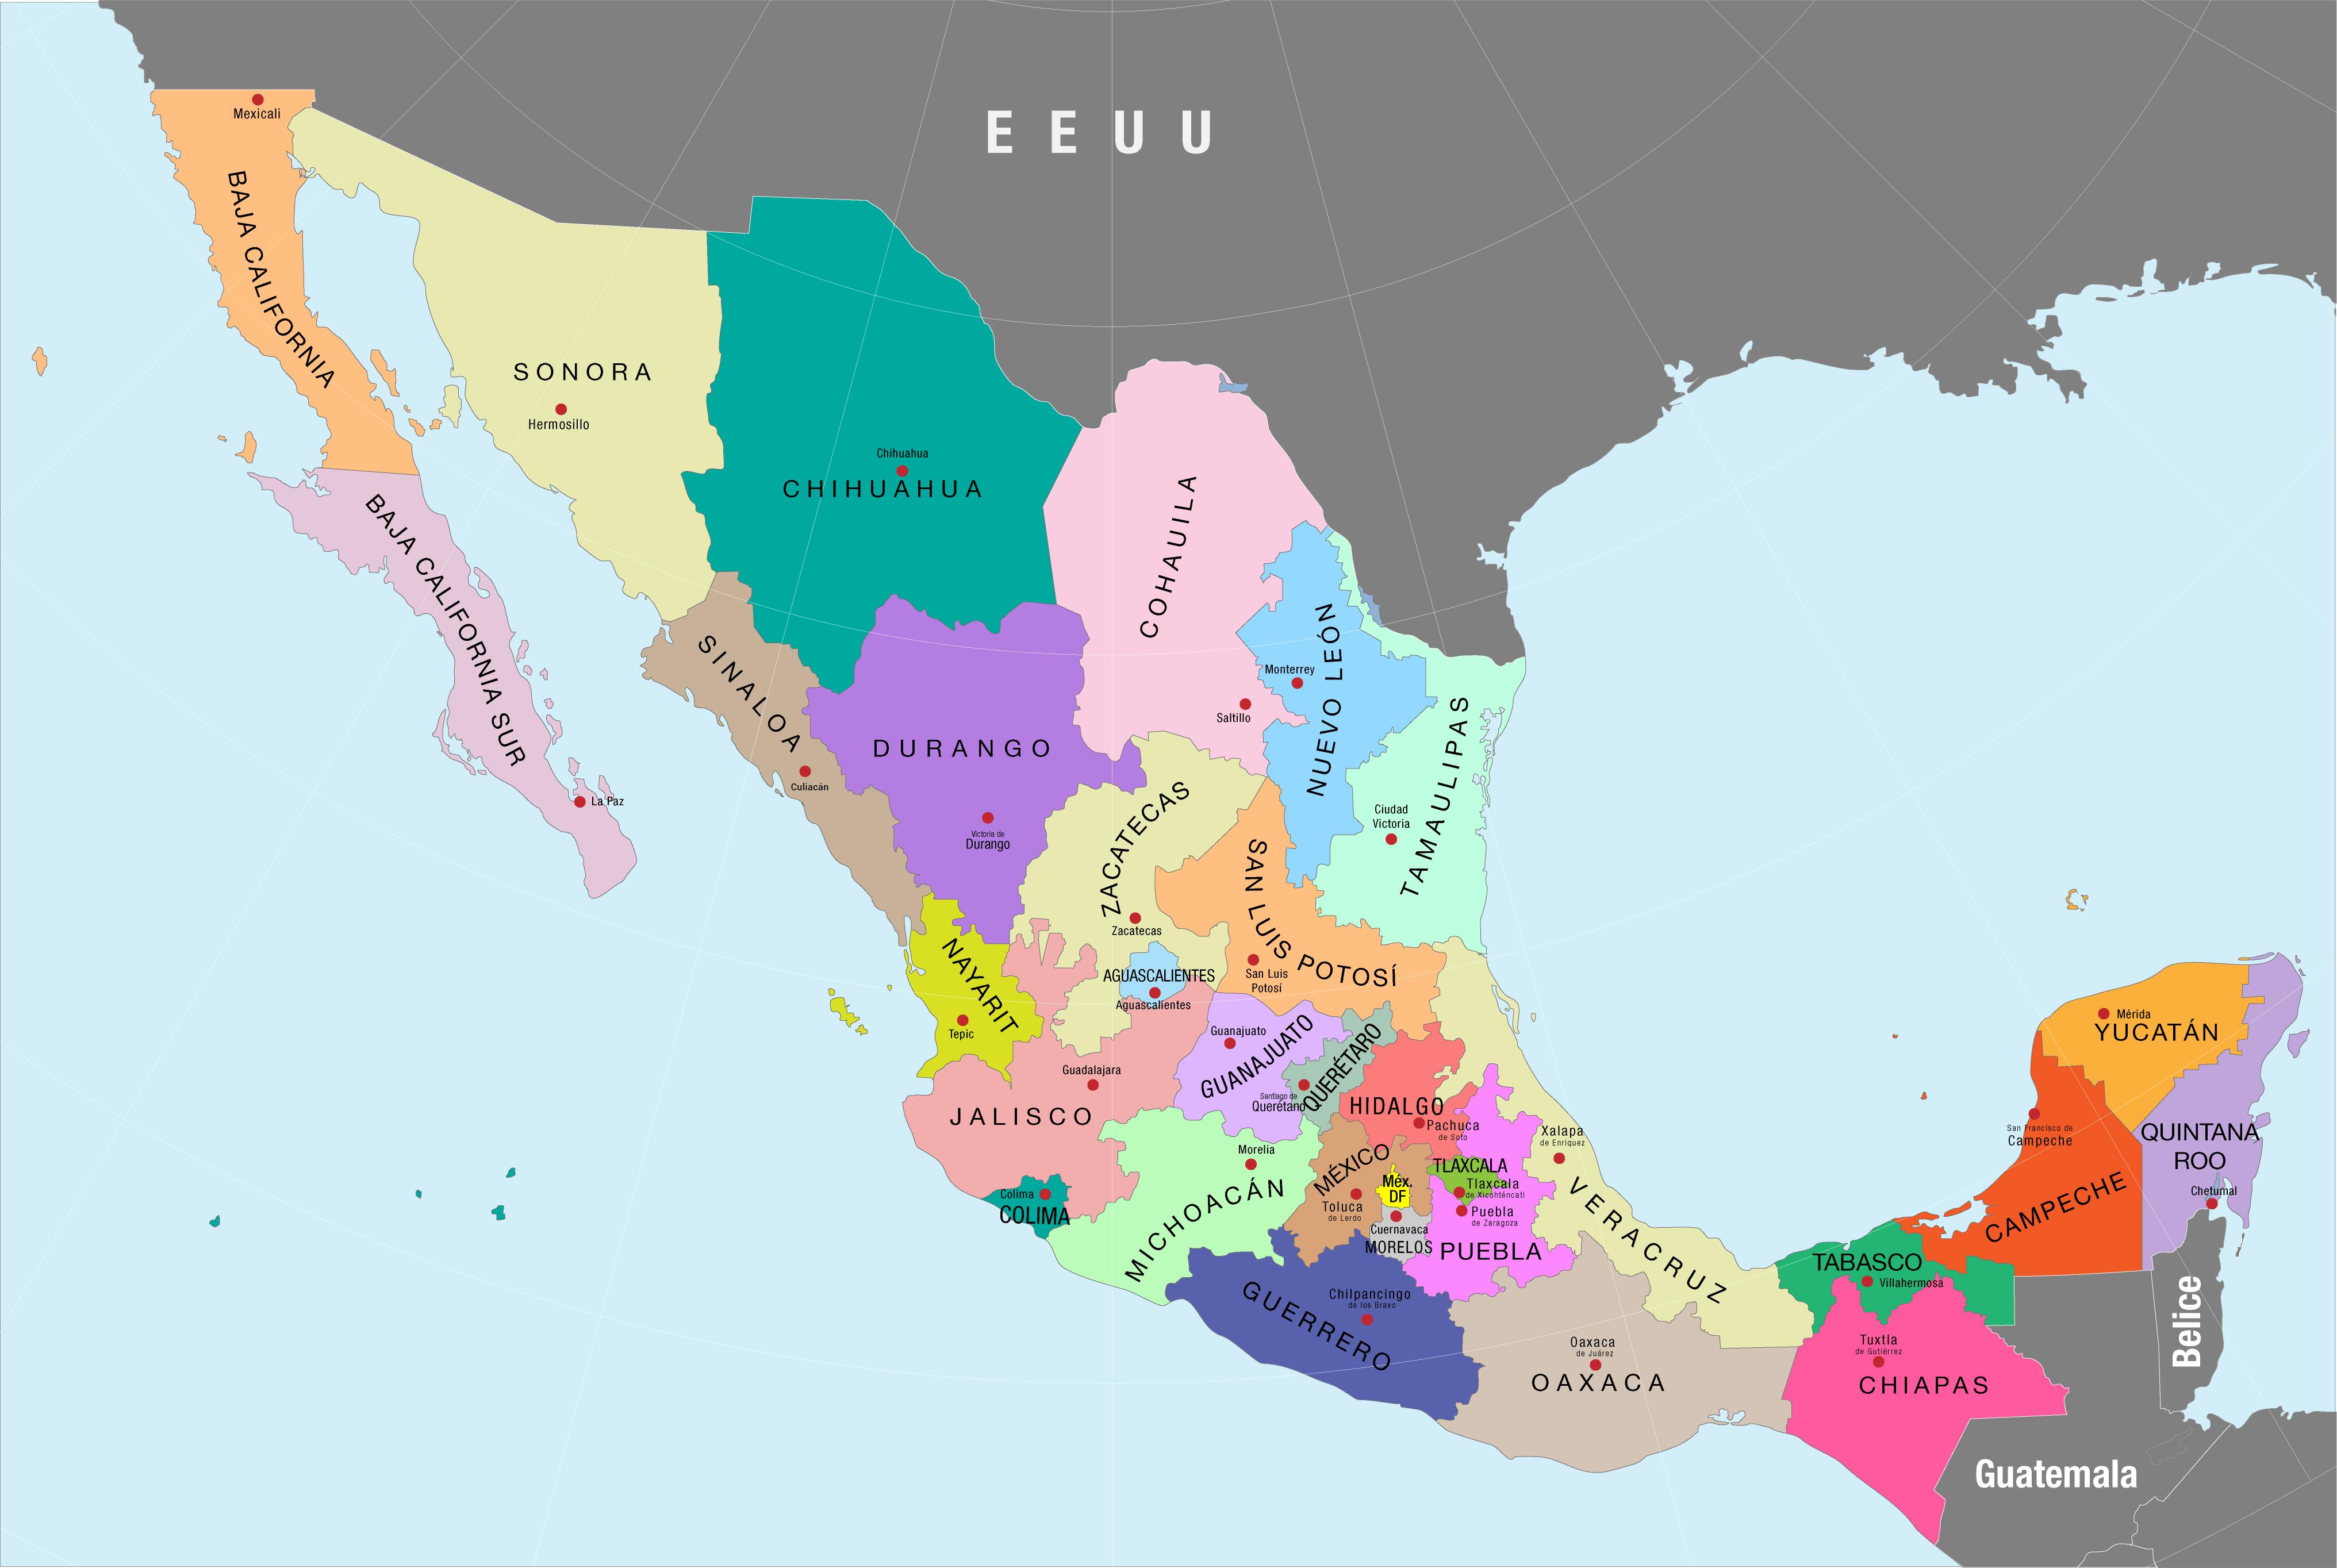 Mapa de los estados de México